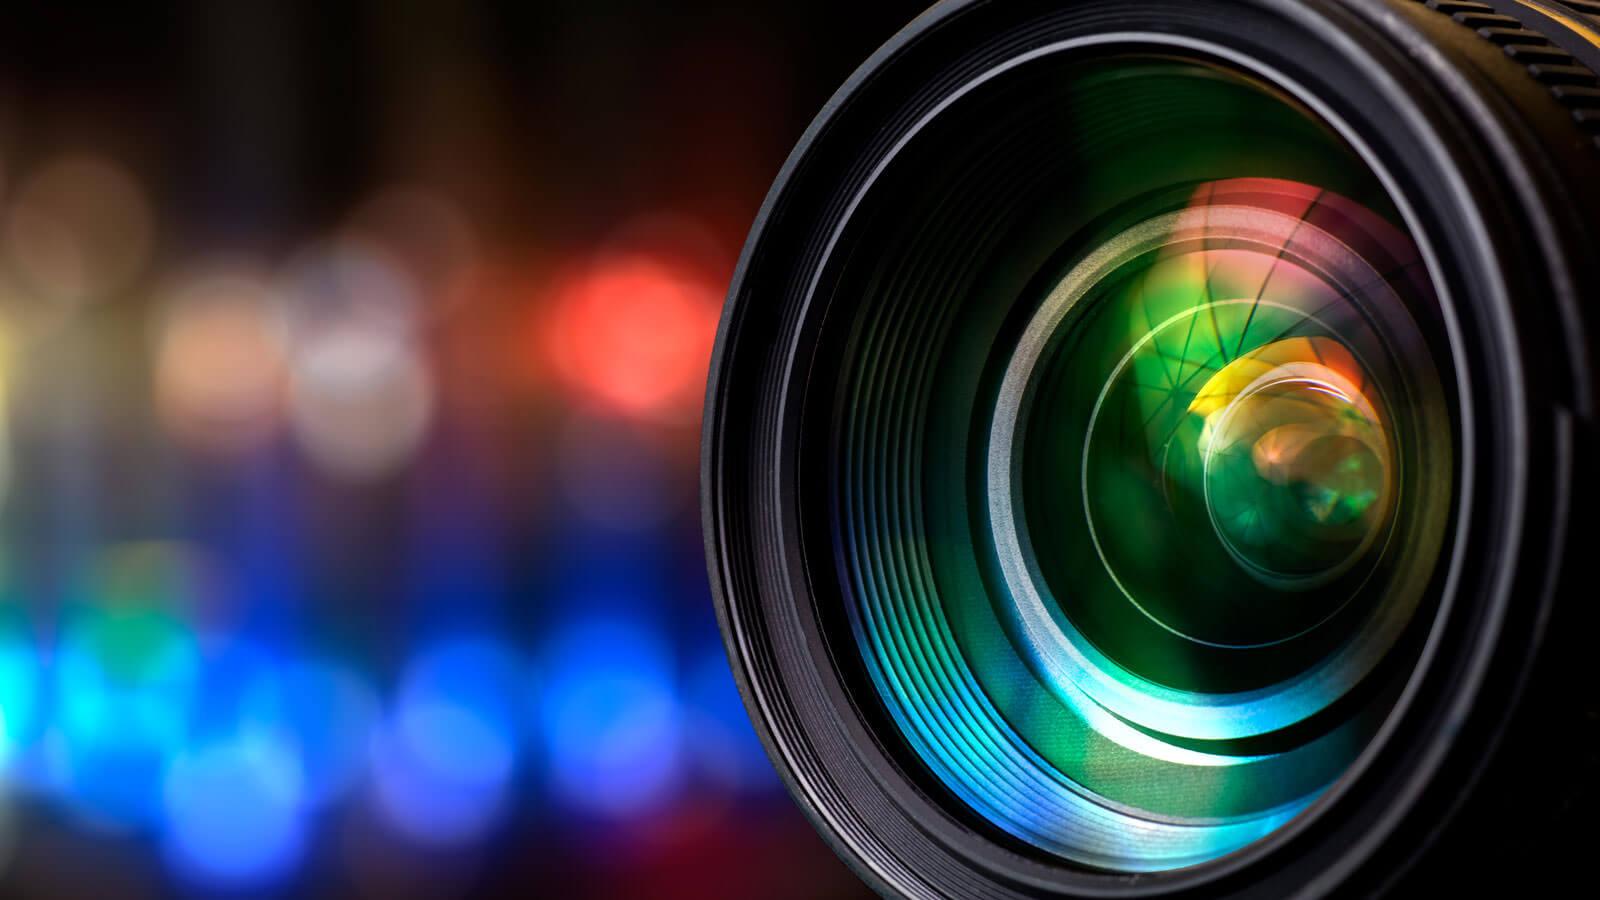 Profesyonel Türk Fotoğrafçılar